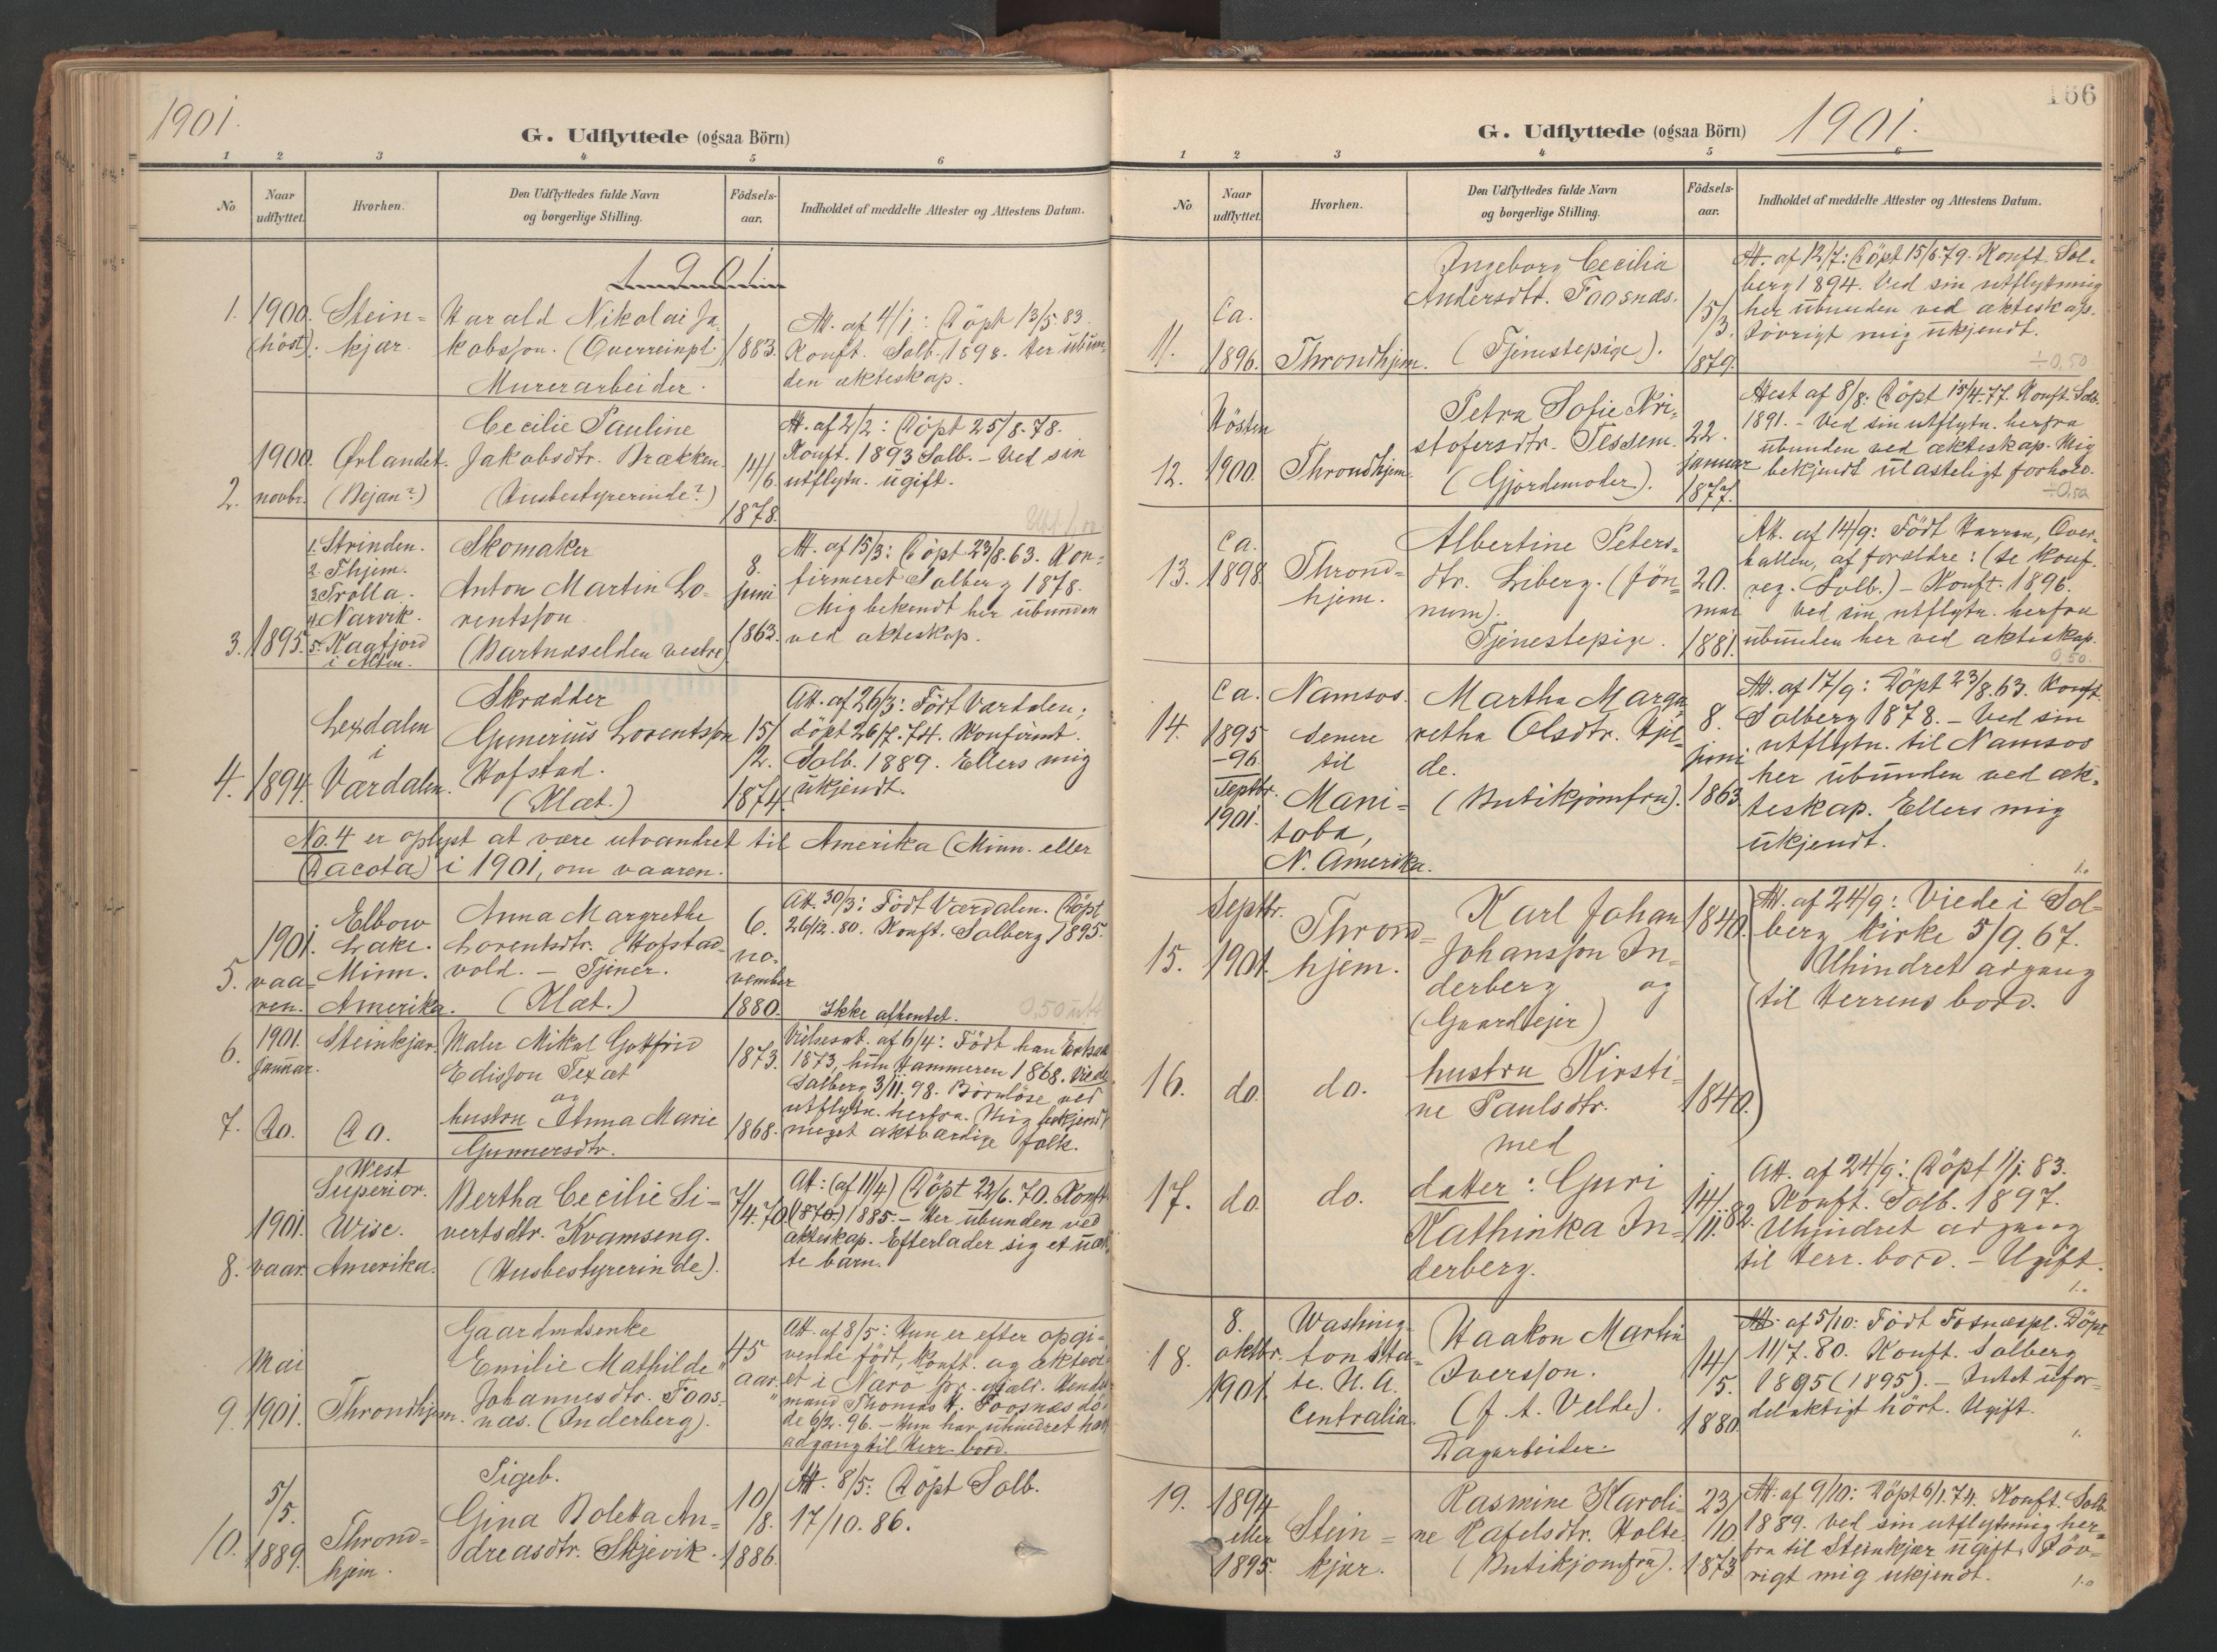 SAT, Ministerialprotokoller, klokkerbøker og fødselsregistre - Nord-Trøndelag, 741/L0397: Ministerialbok nr. 741A11, 1901-1911, s. 166